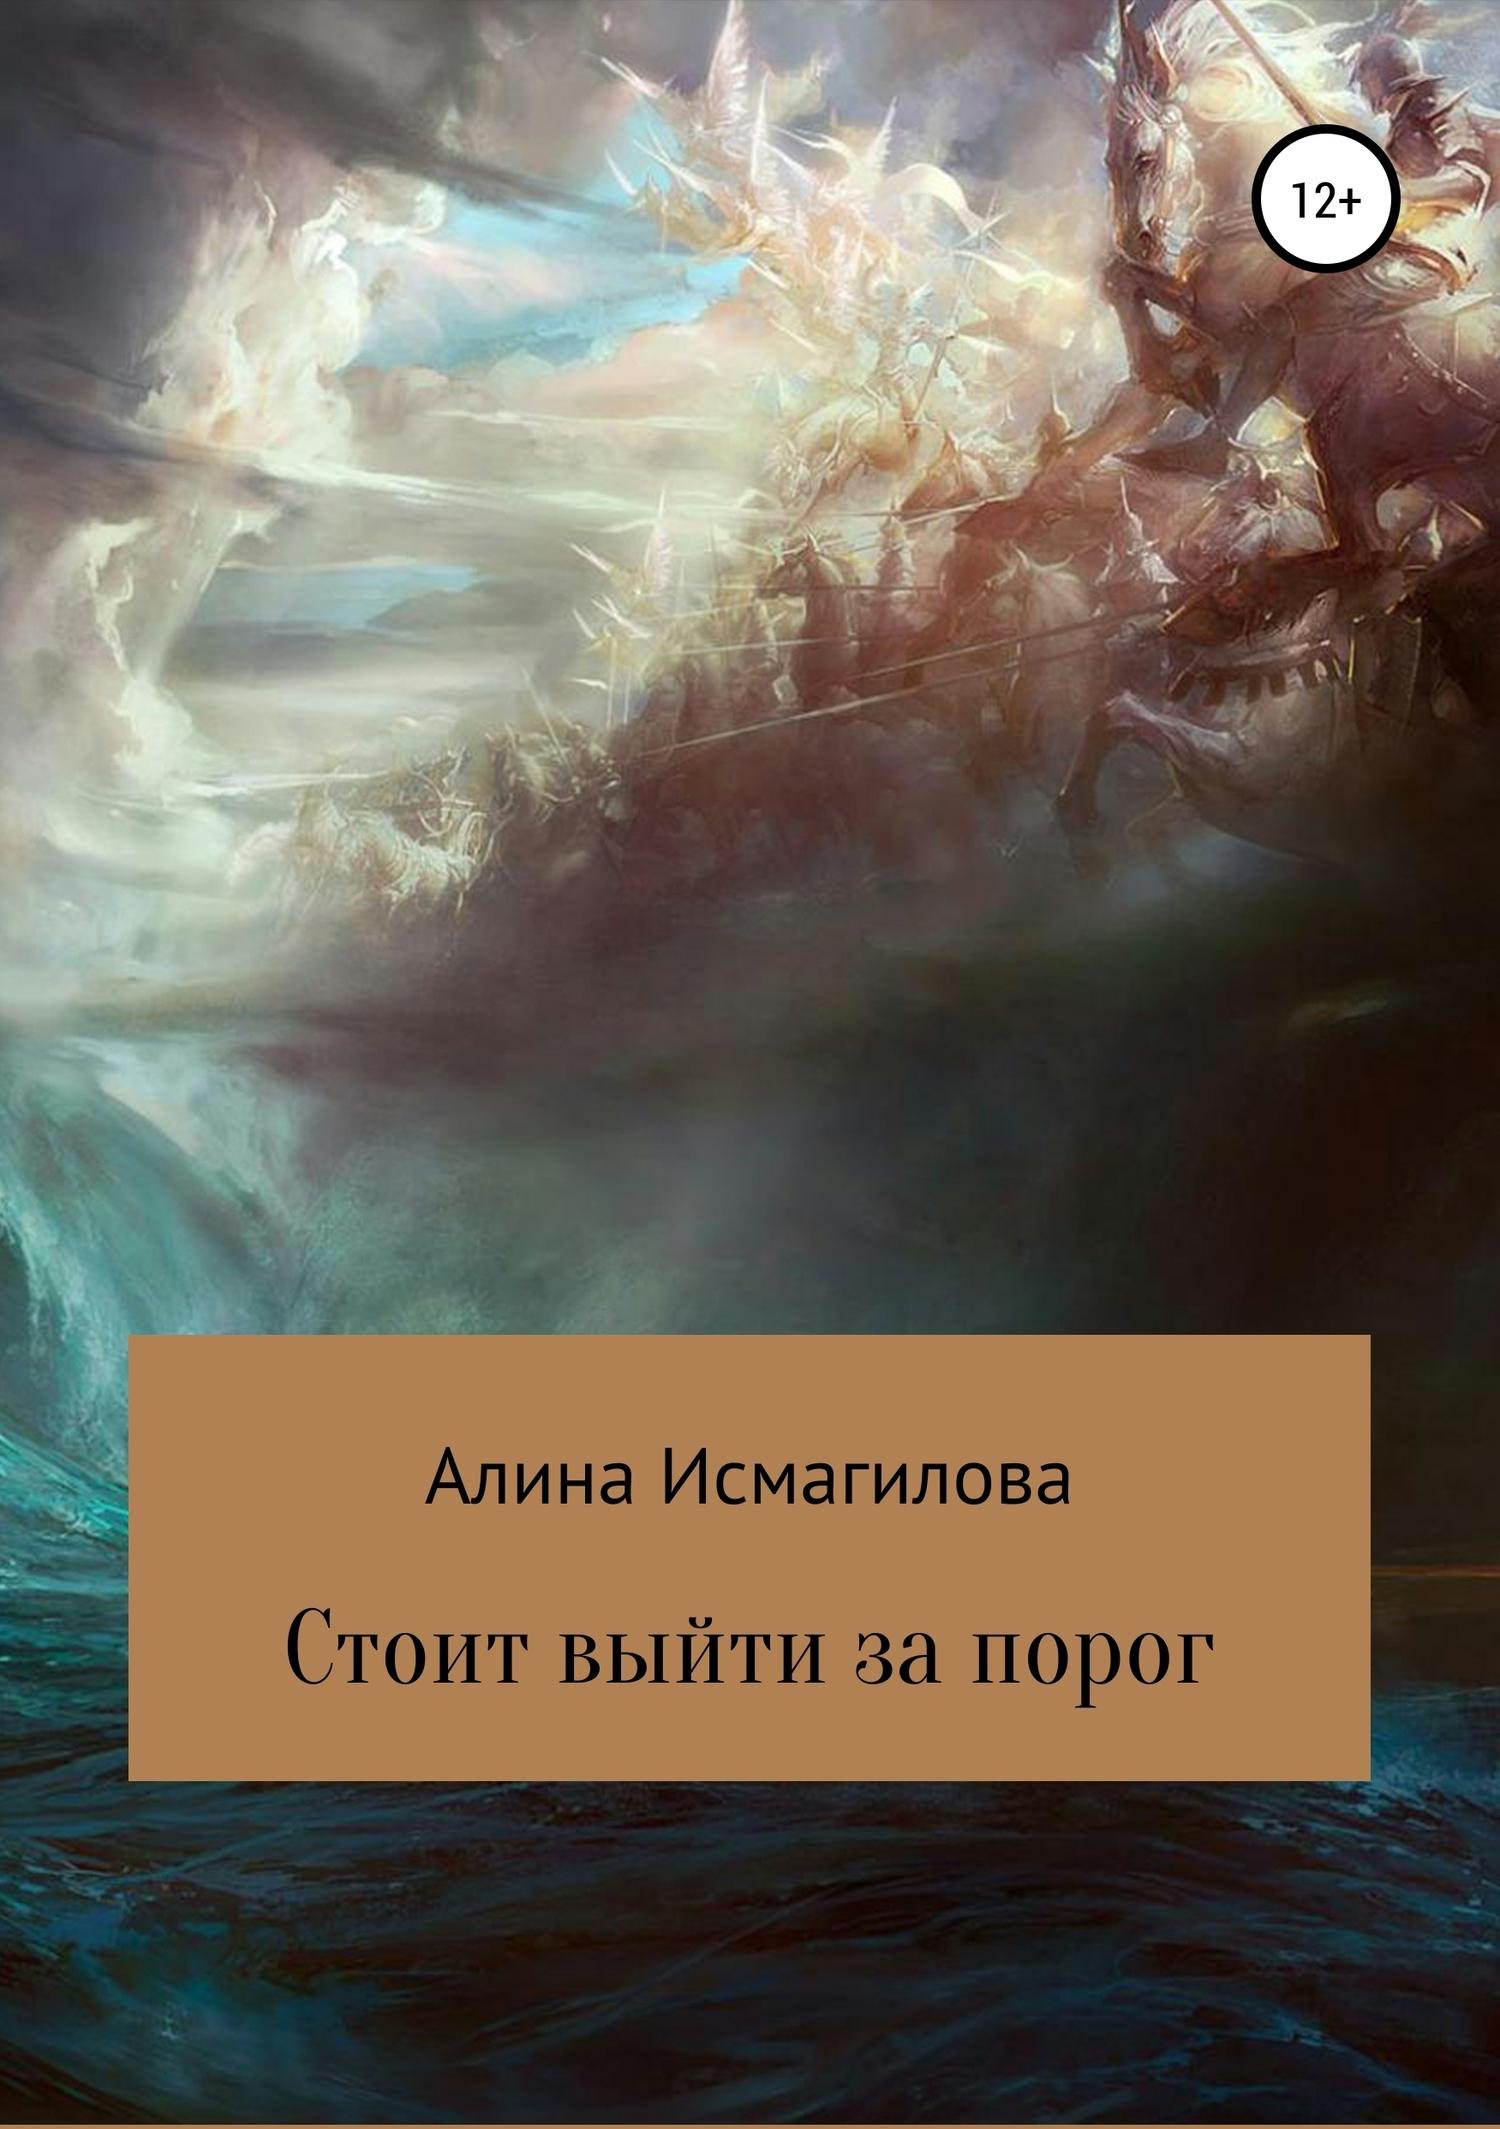 Алина Исмагилова - Стоит выйти за порог